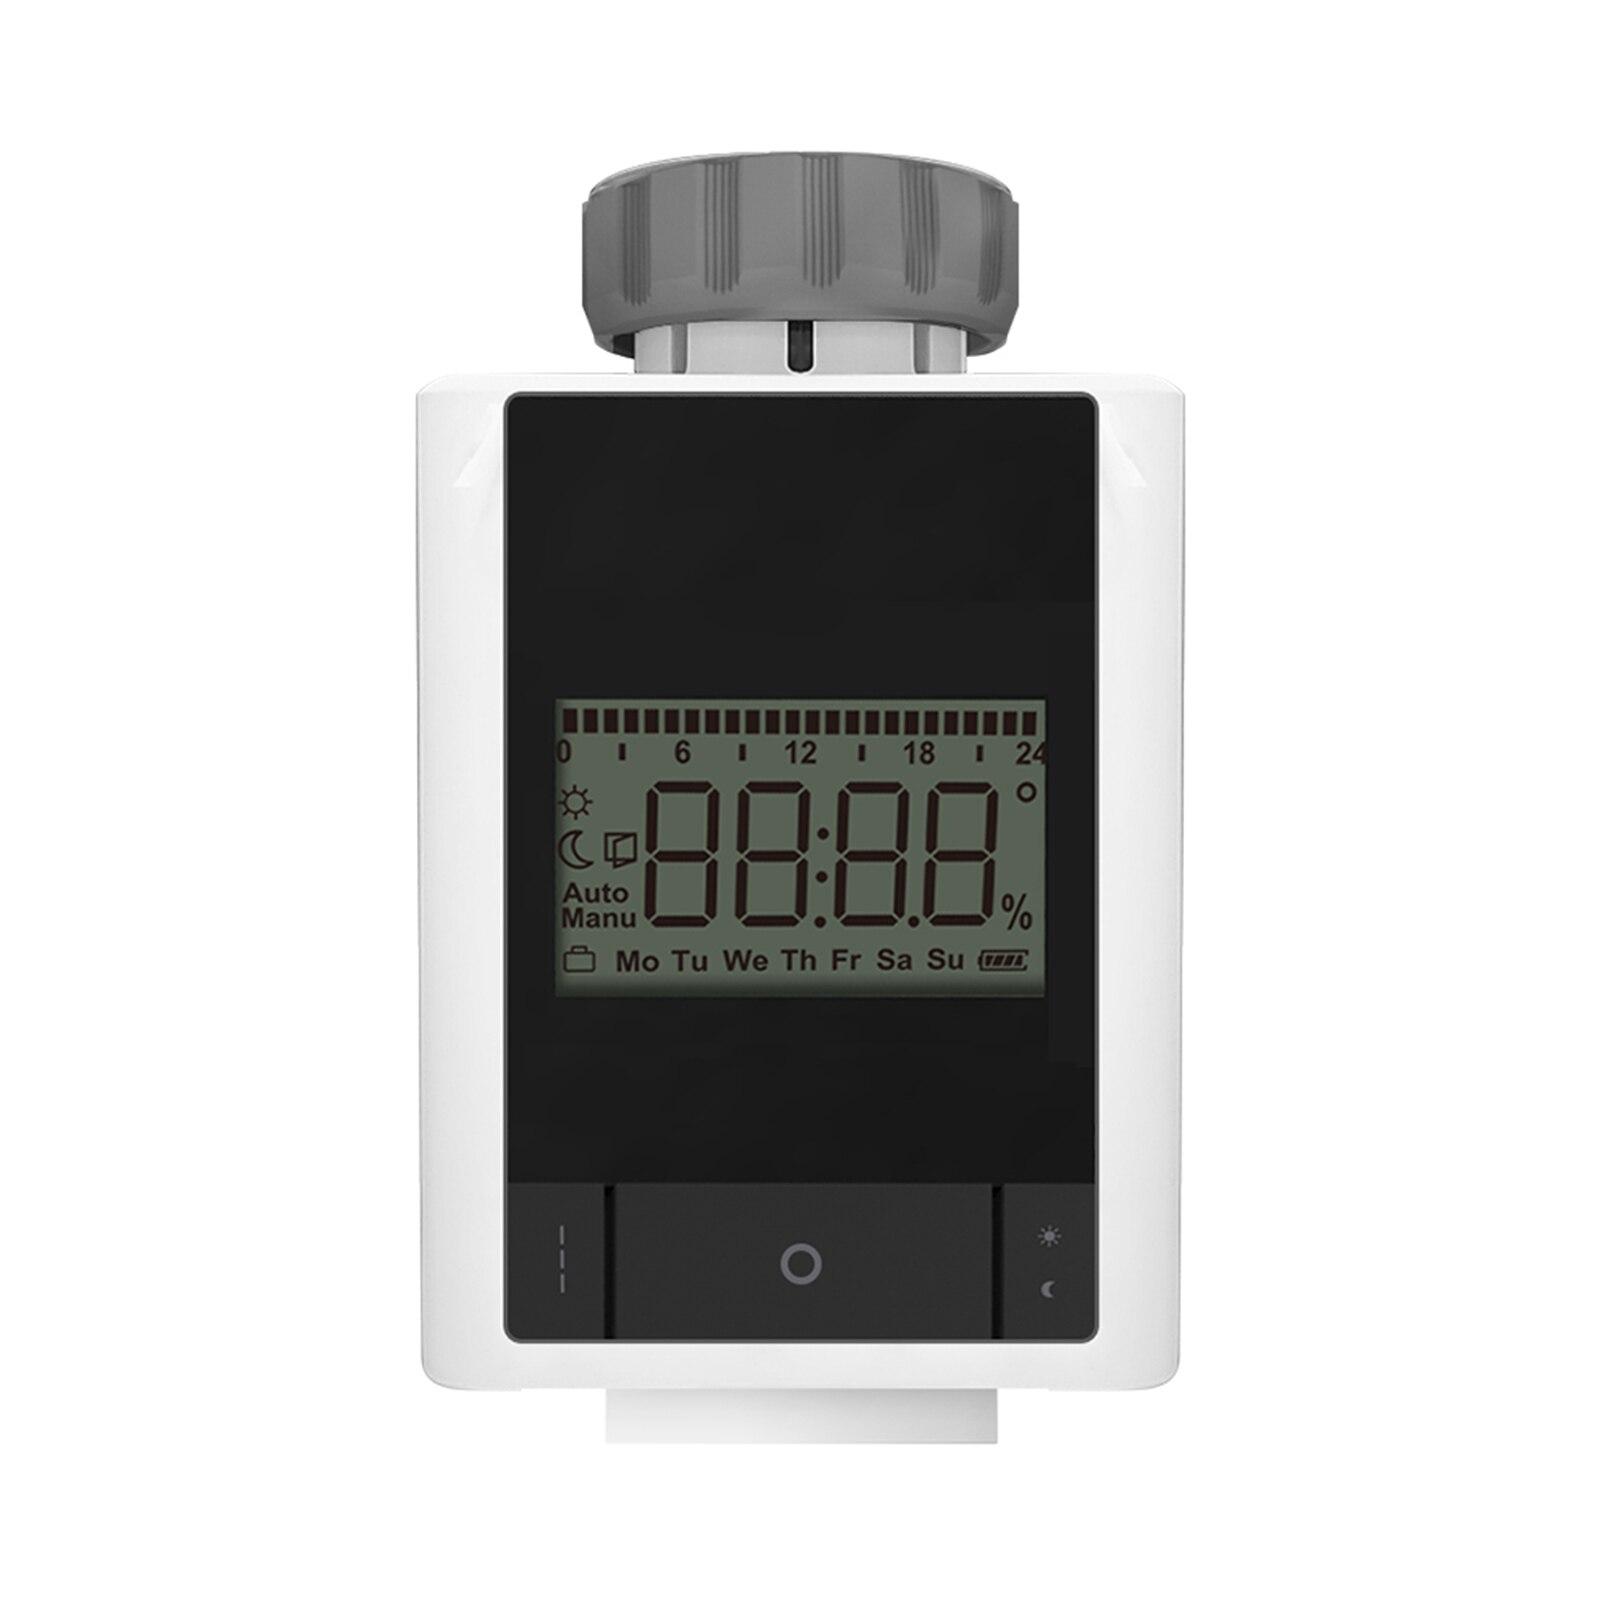 ذكي درجة الحرارة صمام المبرد صمام للبرمجة متحكم في درجة الحرارة ترموستات صمام زيجبي 3.0 تويا APP التحكم